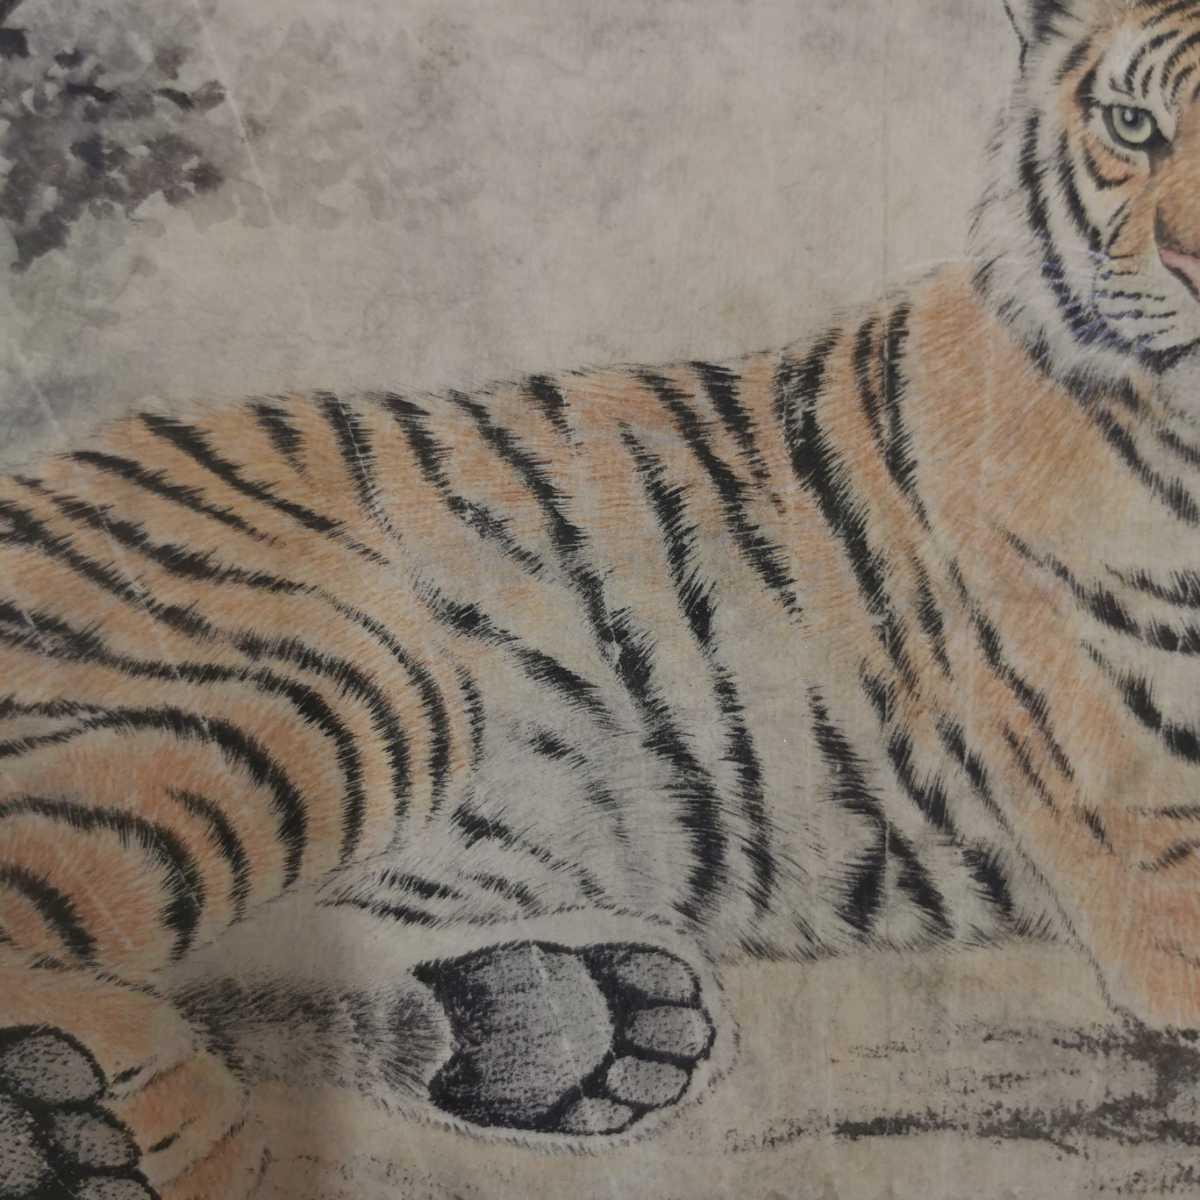 中国美術 扇面 掛軸 虎図 紙本 肉筆保証 掛け軸 時代物 在銘 中国古美術 唐物000307_画像3